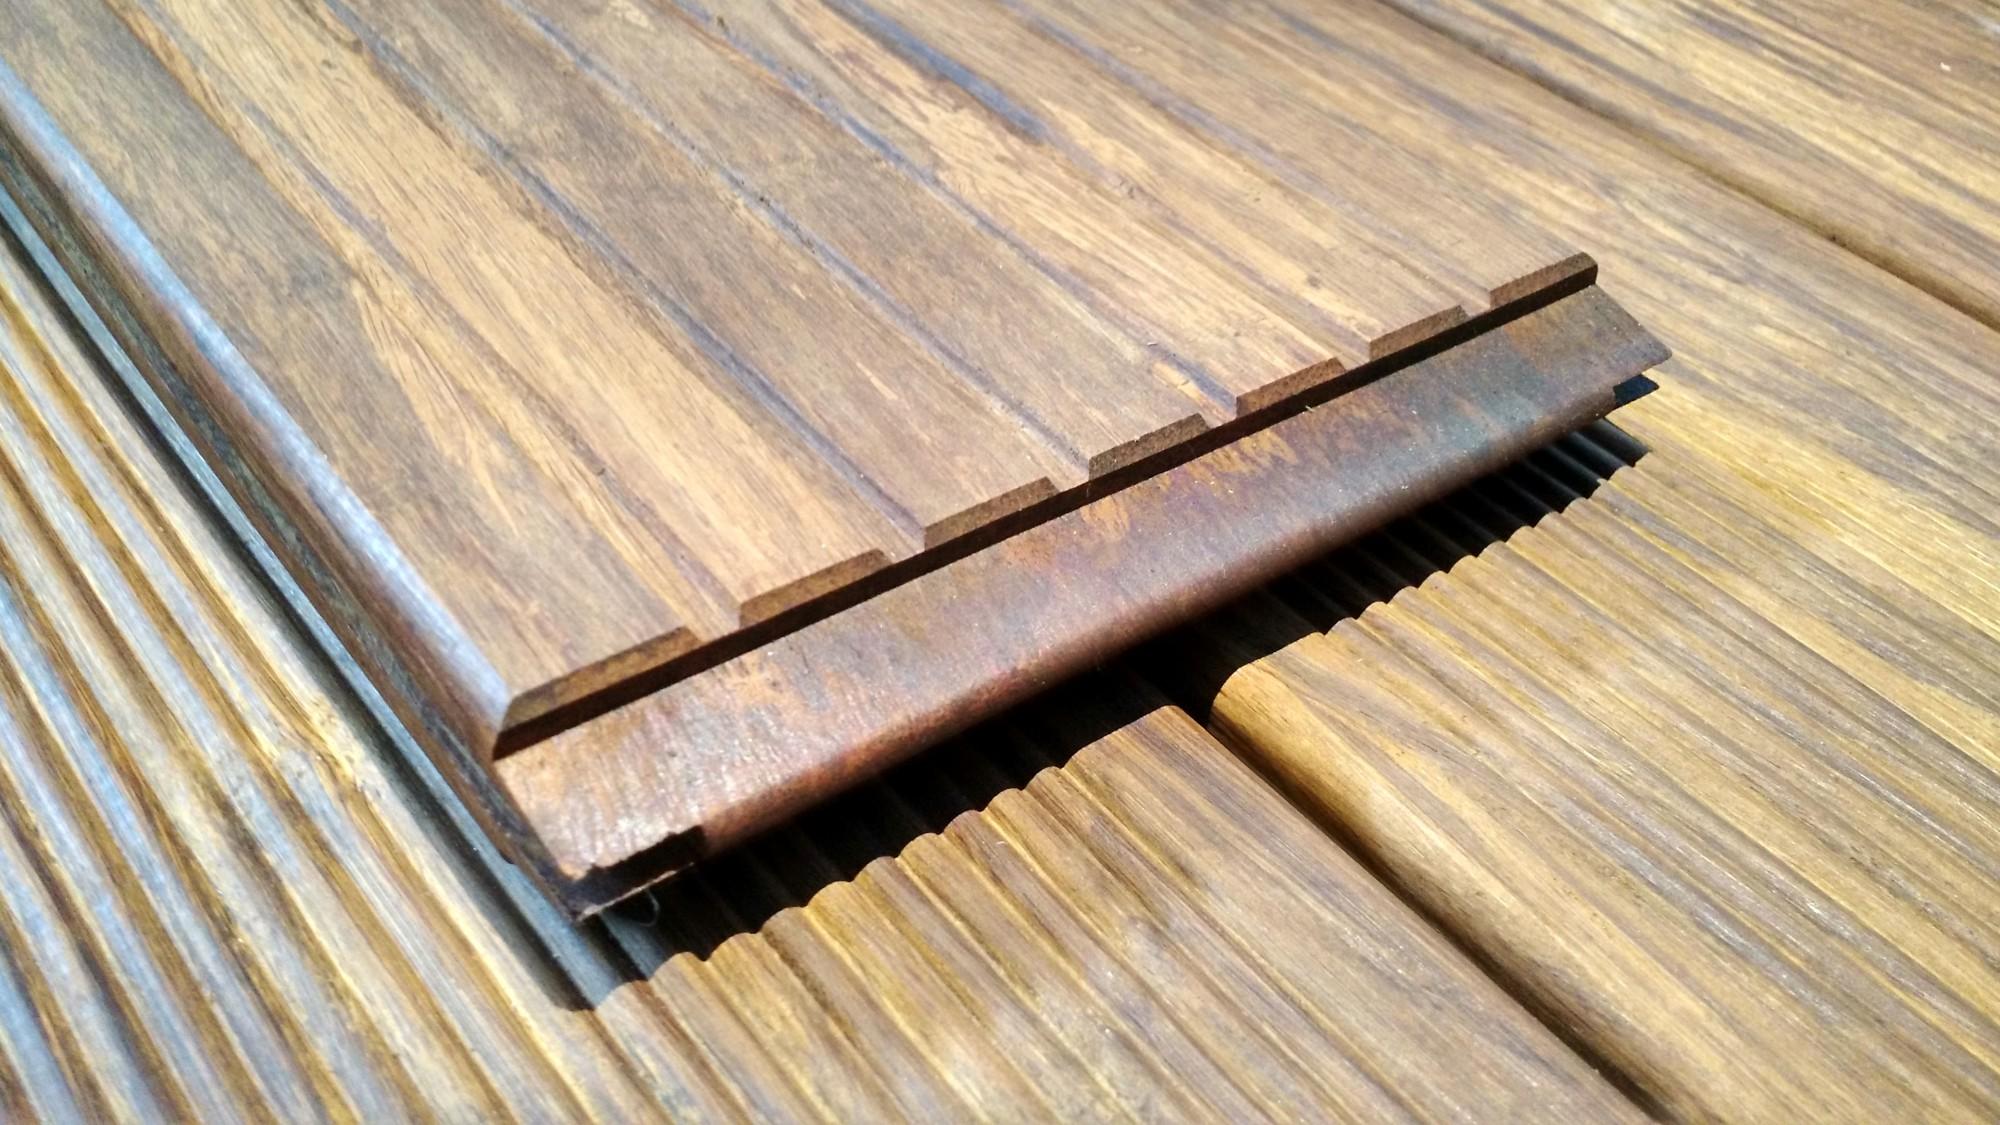 Terrassendielen Bambus 1 lfm cobam bambus terrassendielen standard 2200 mm baumarkt garten